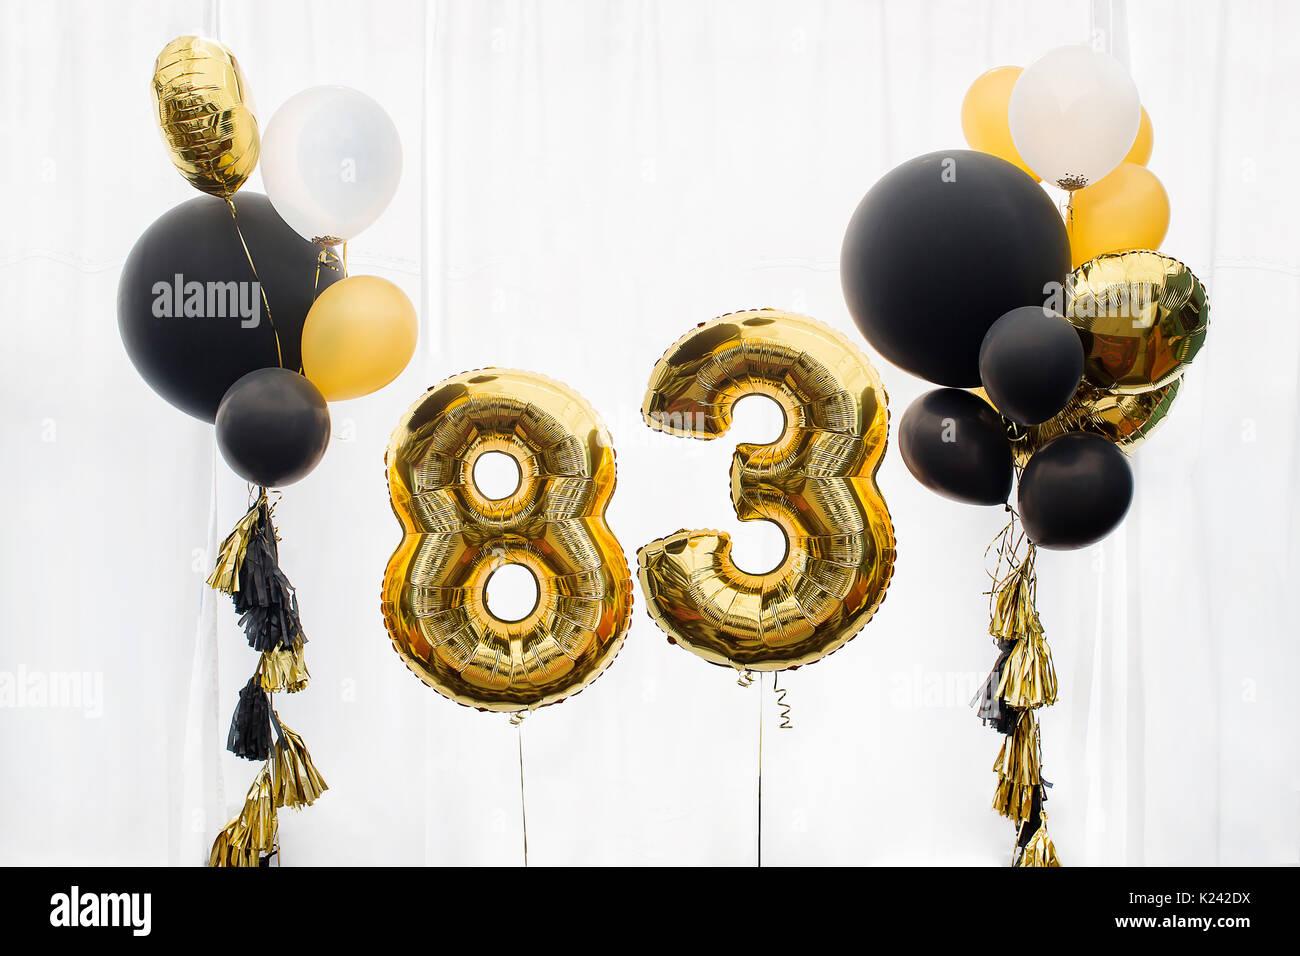 33 год поздравления с днем рождения мужчине 33 года